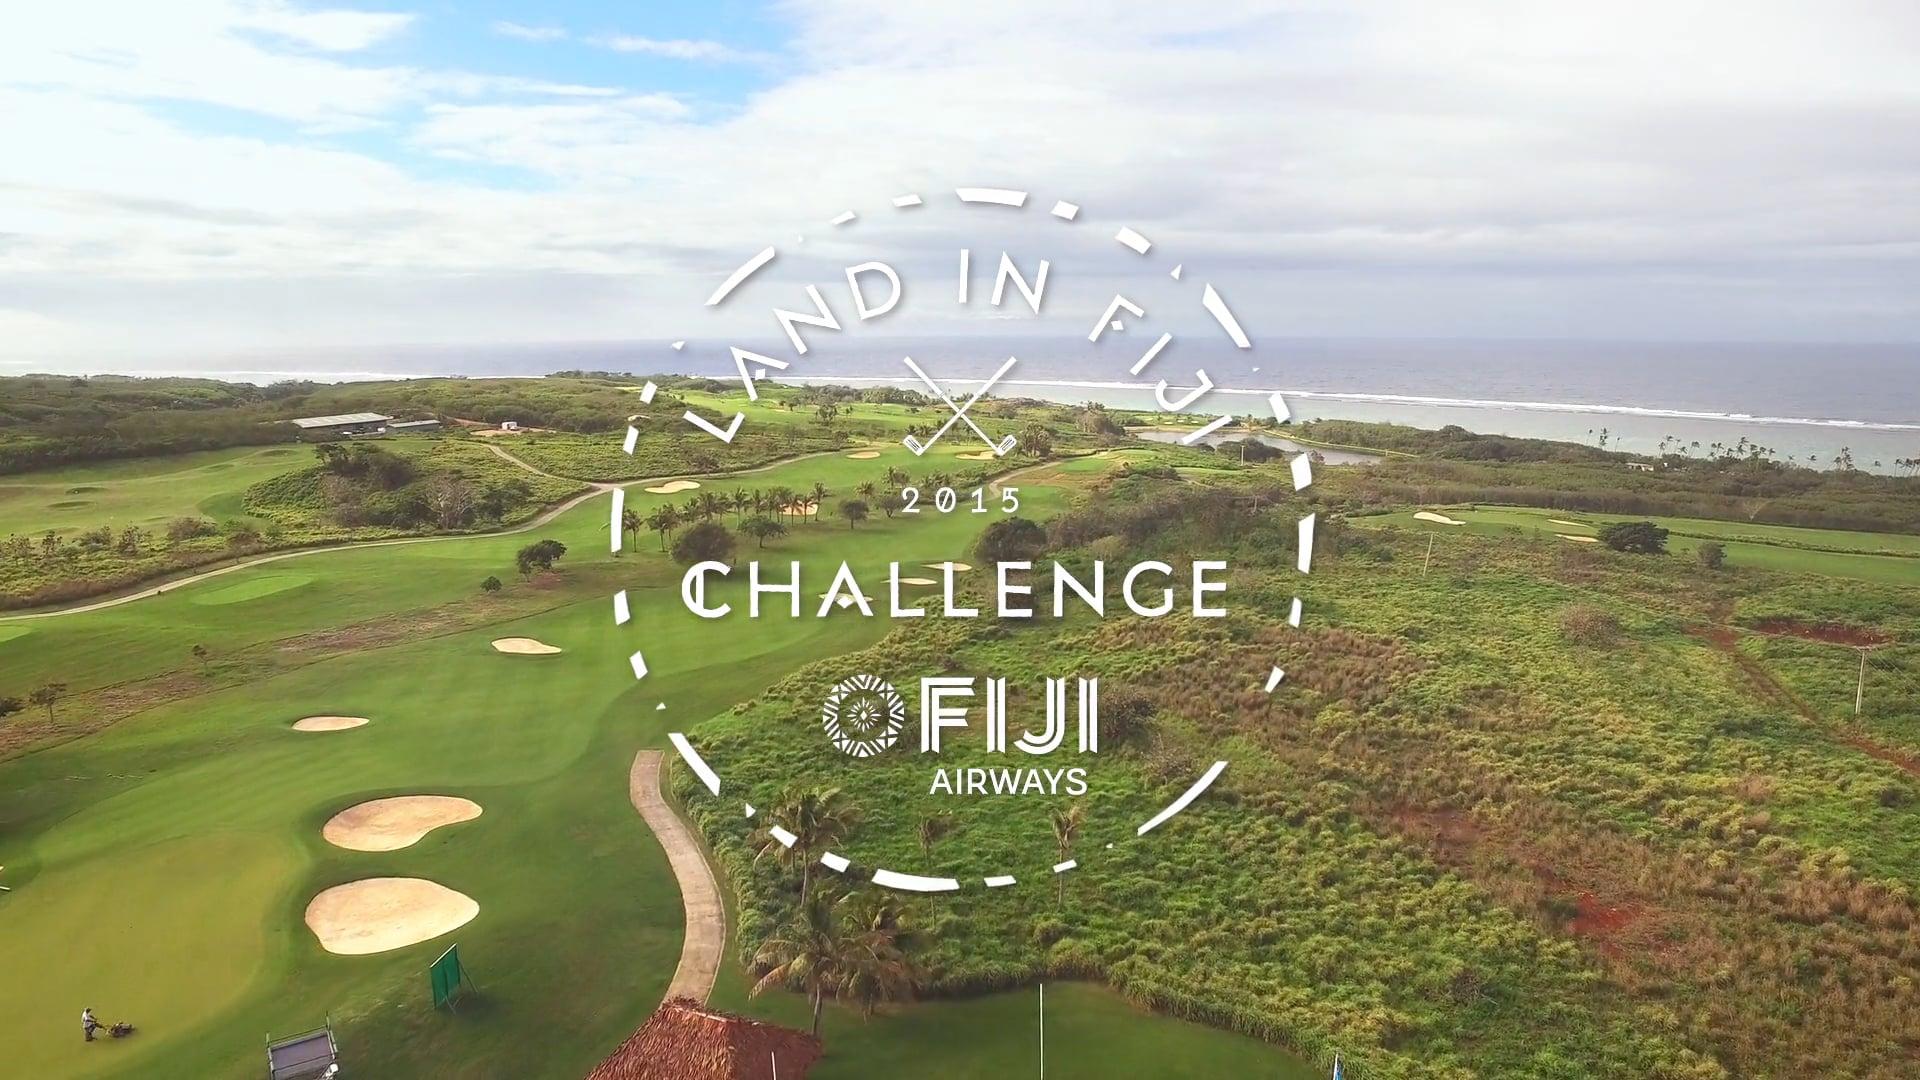 Fiji Airways - Land in Fiji Challenge